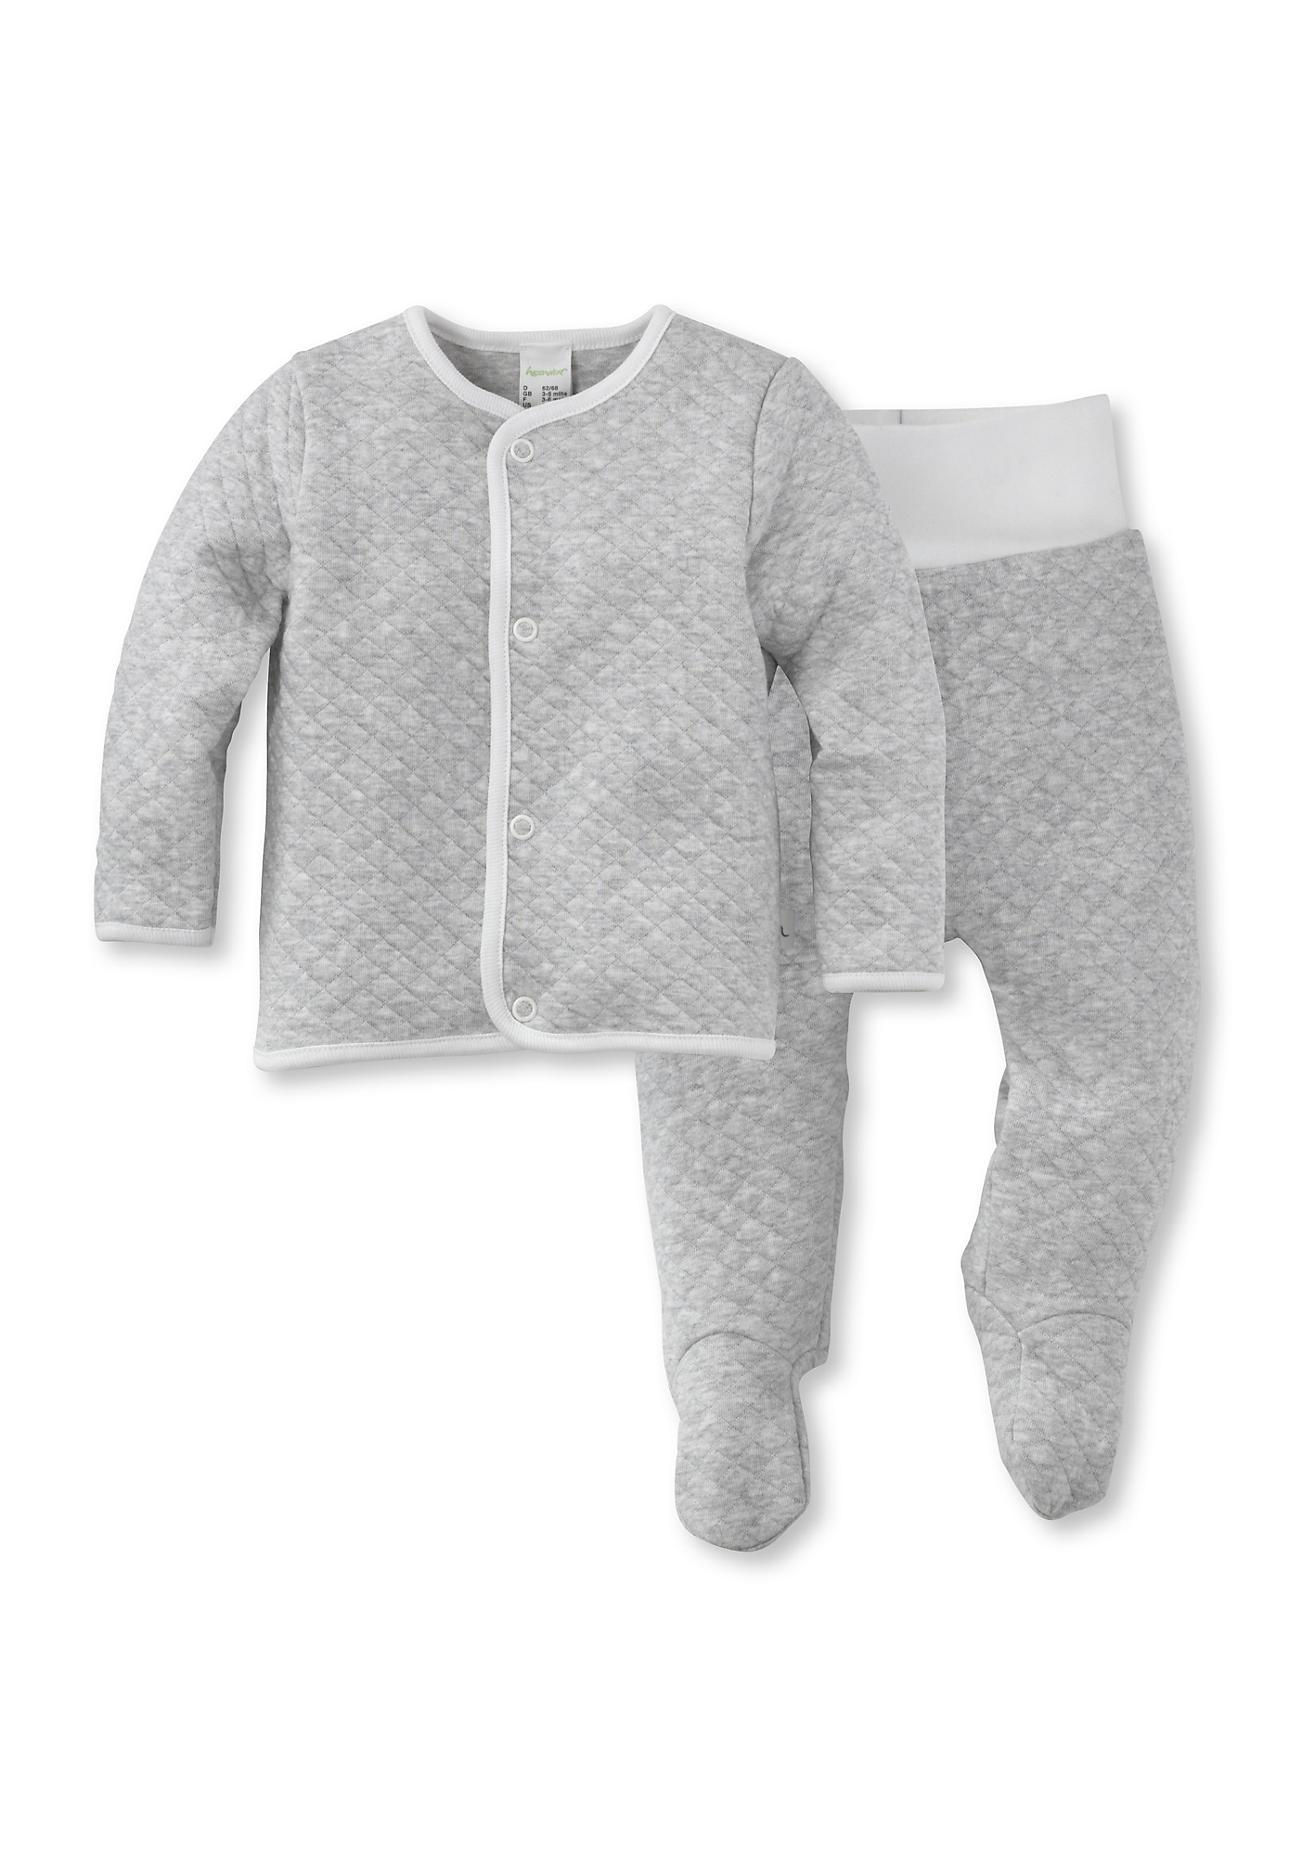 Image of hessnatur Baby Erstausstattung aus Baumwolle – grau – Größe 50/56